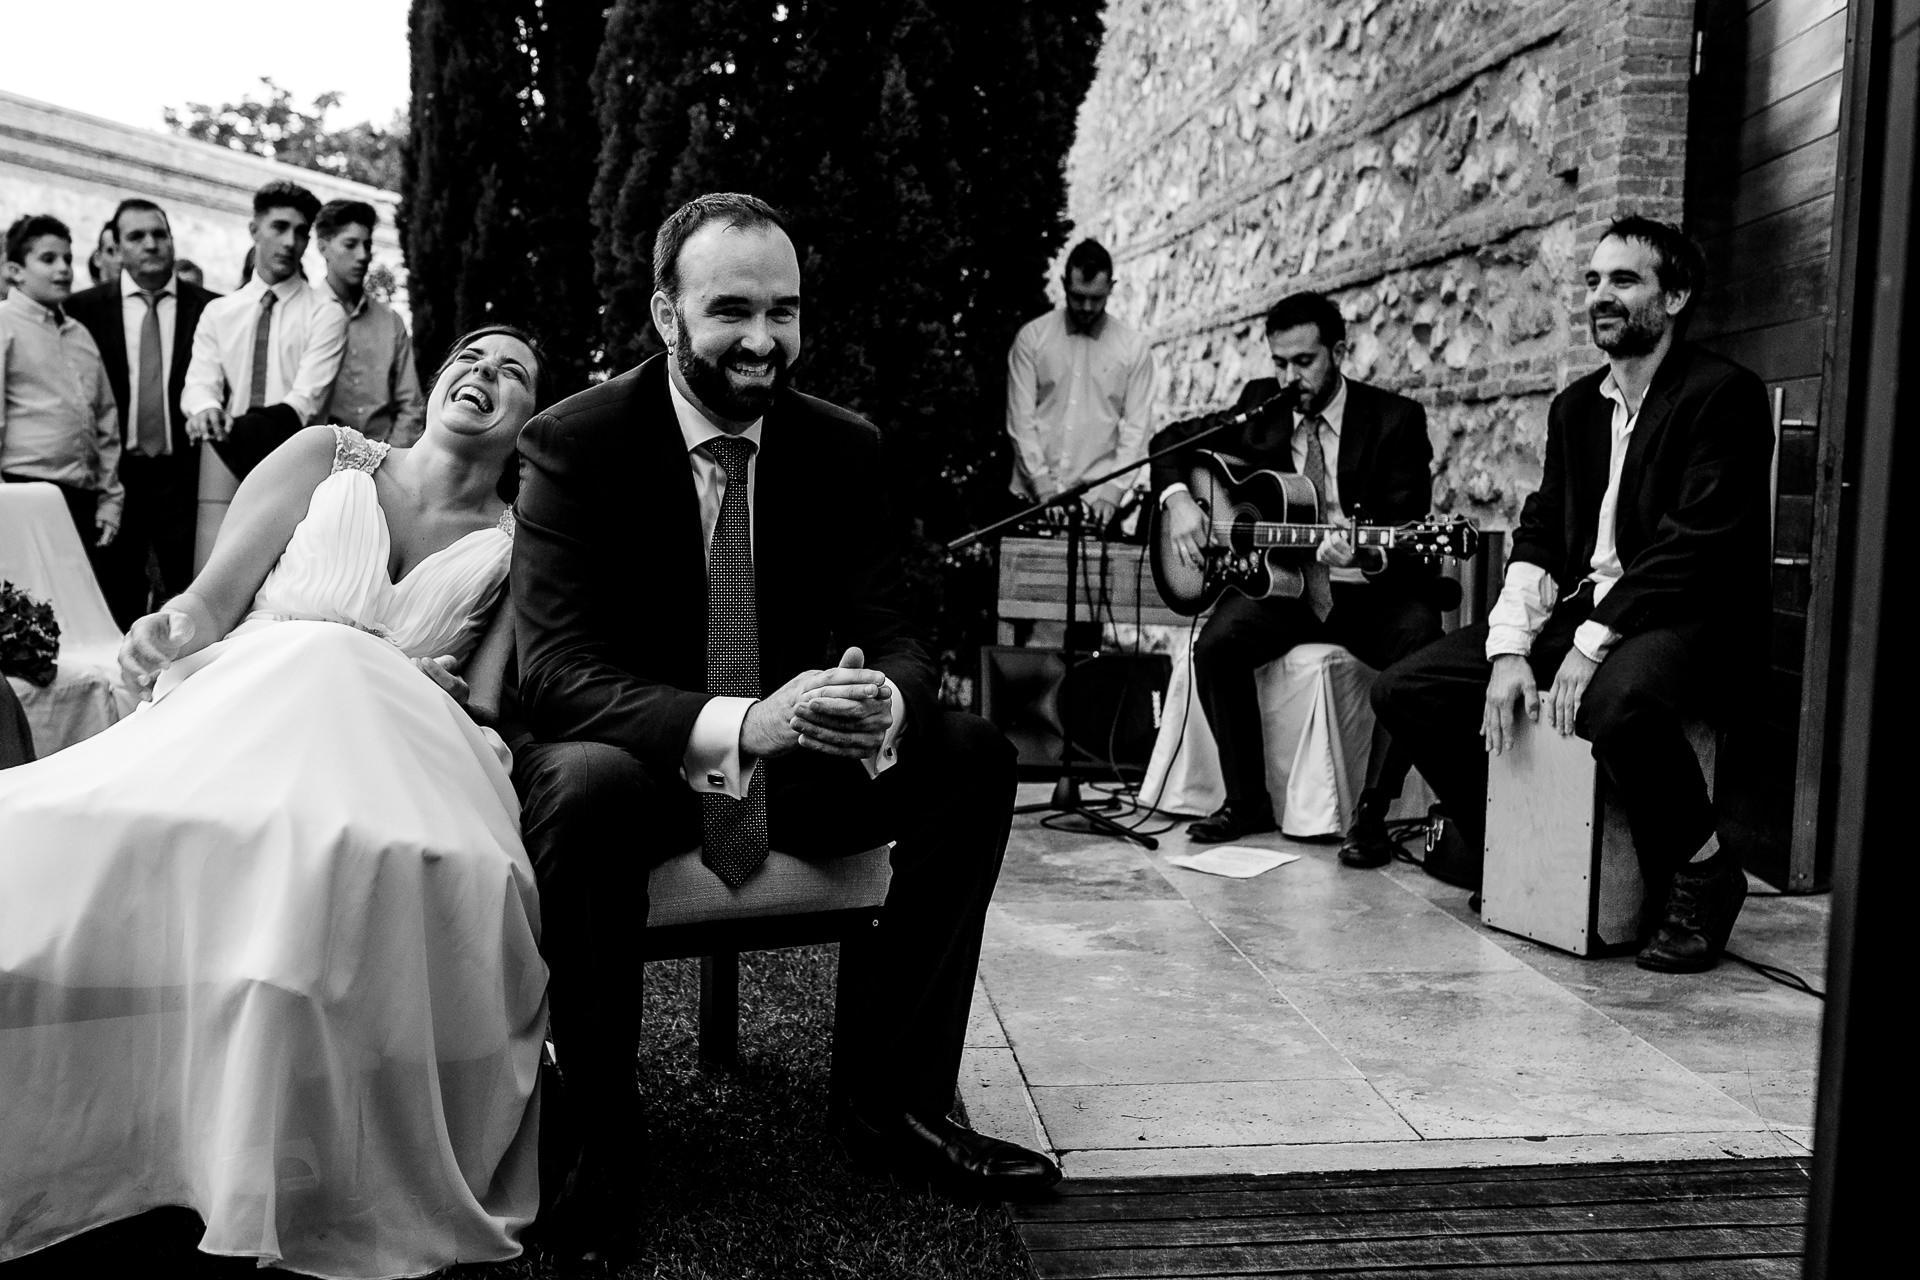 boda civil parador alcala de henares madrid 193131